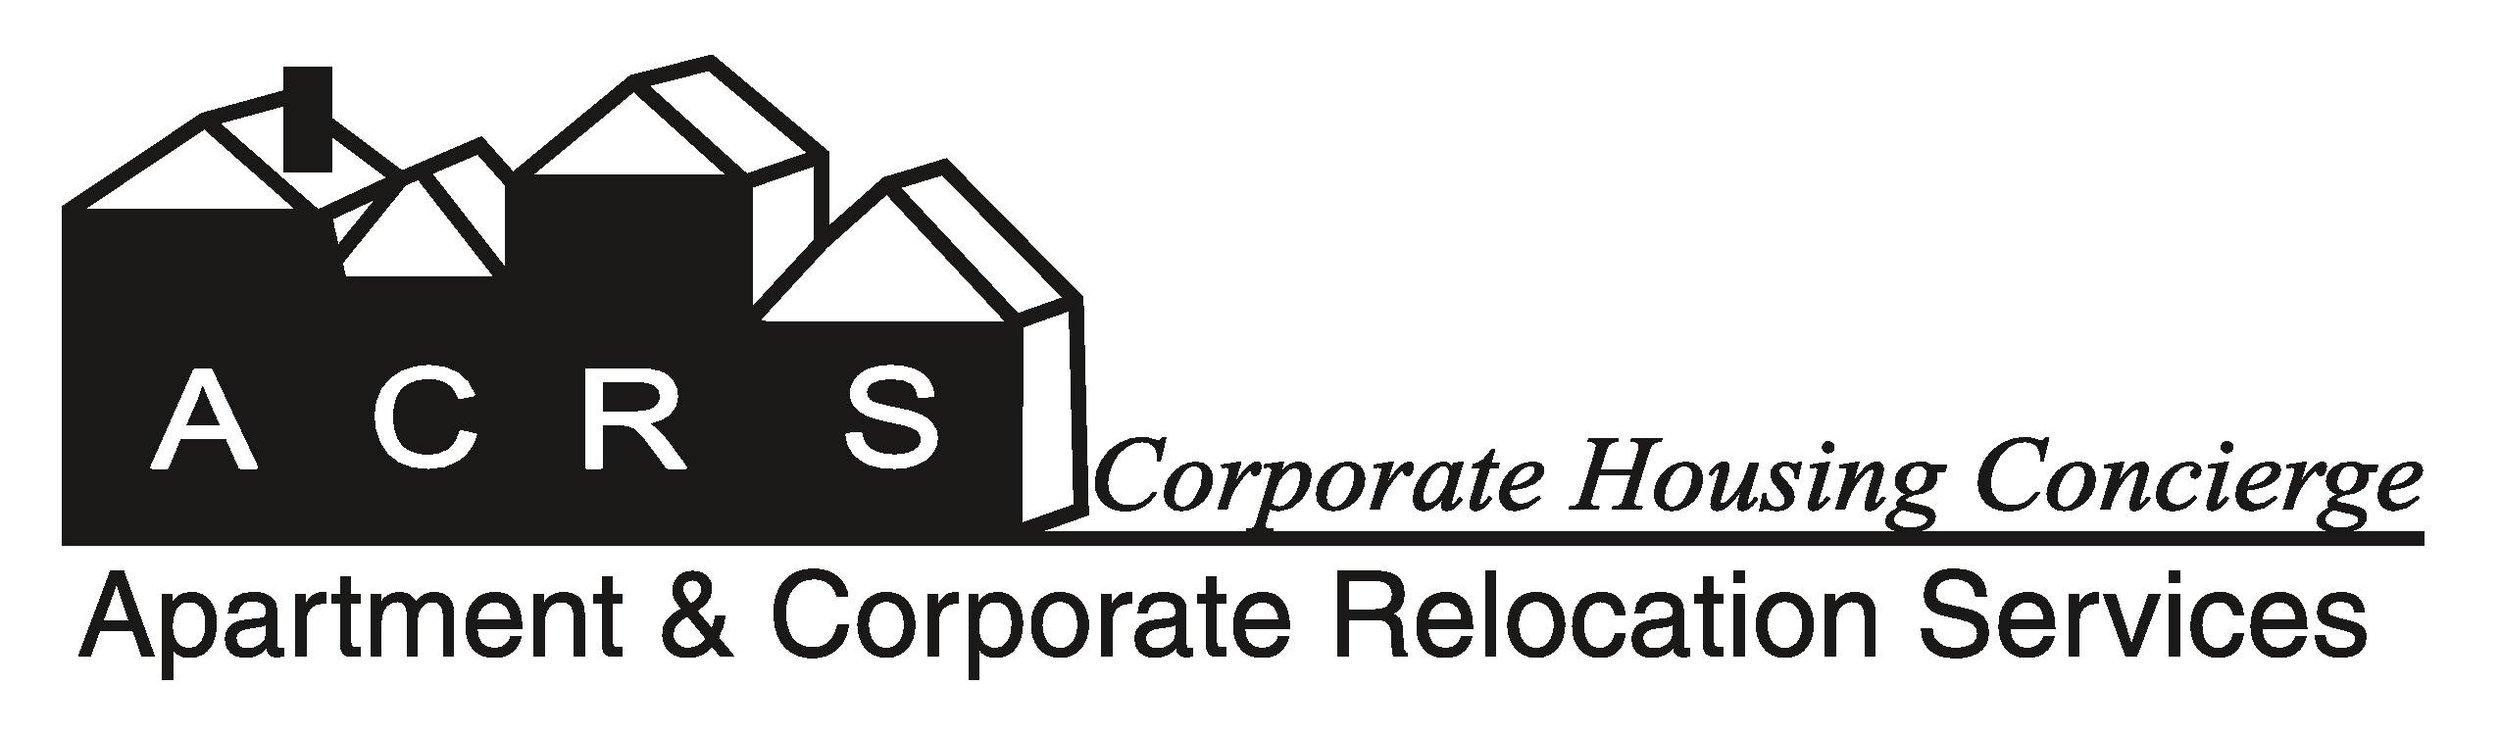 ACRS Logo-Complete.jpg